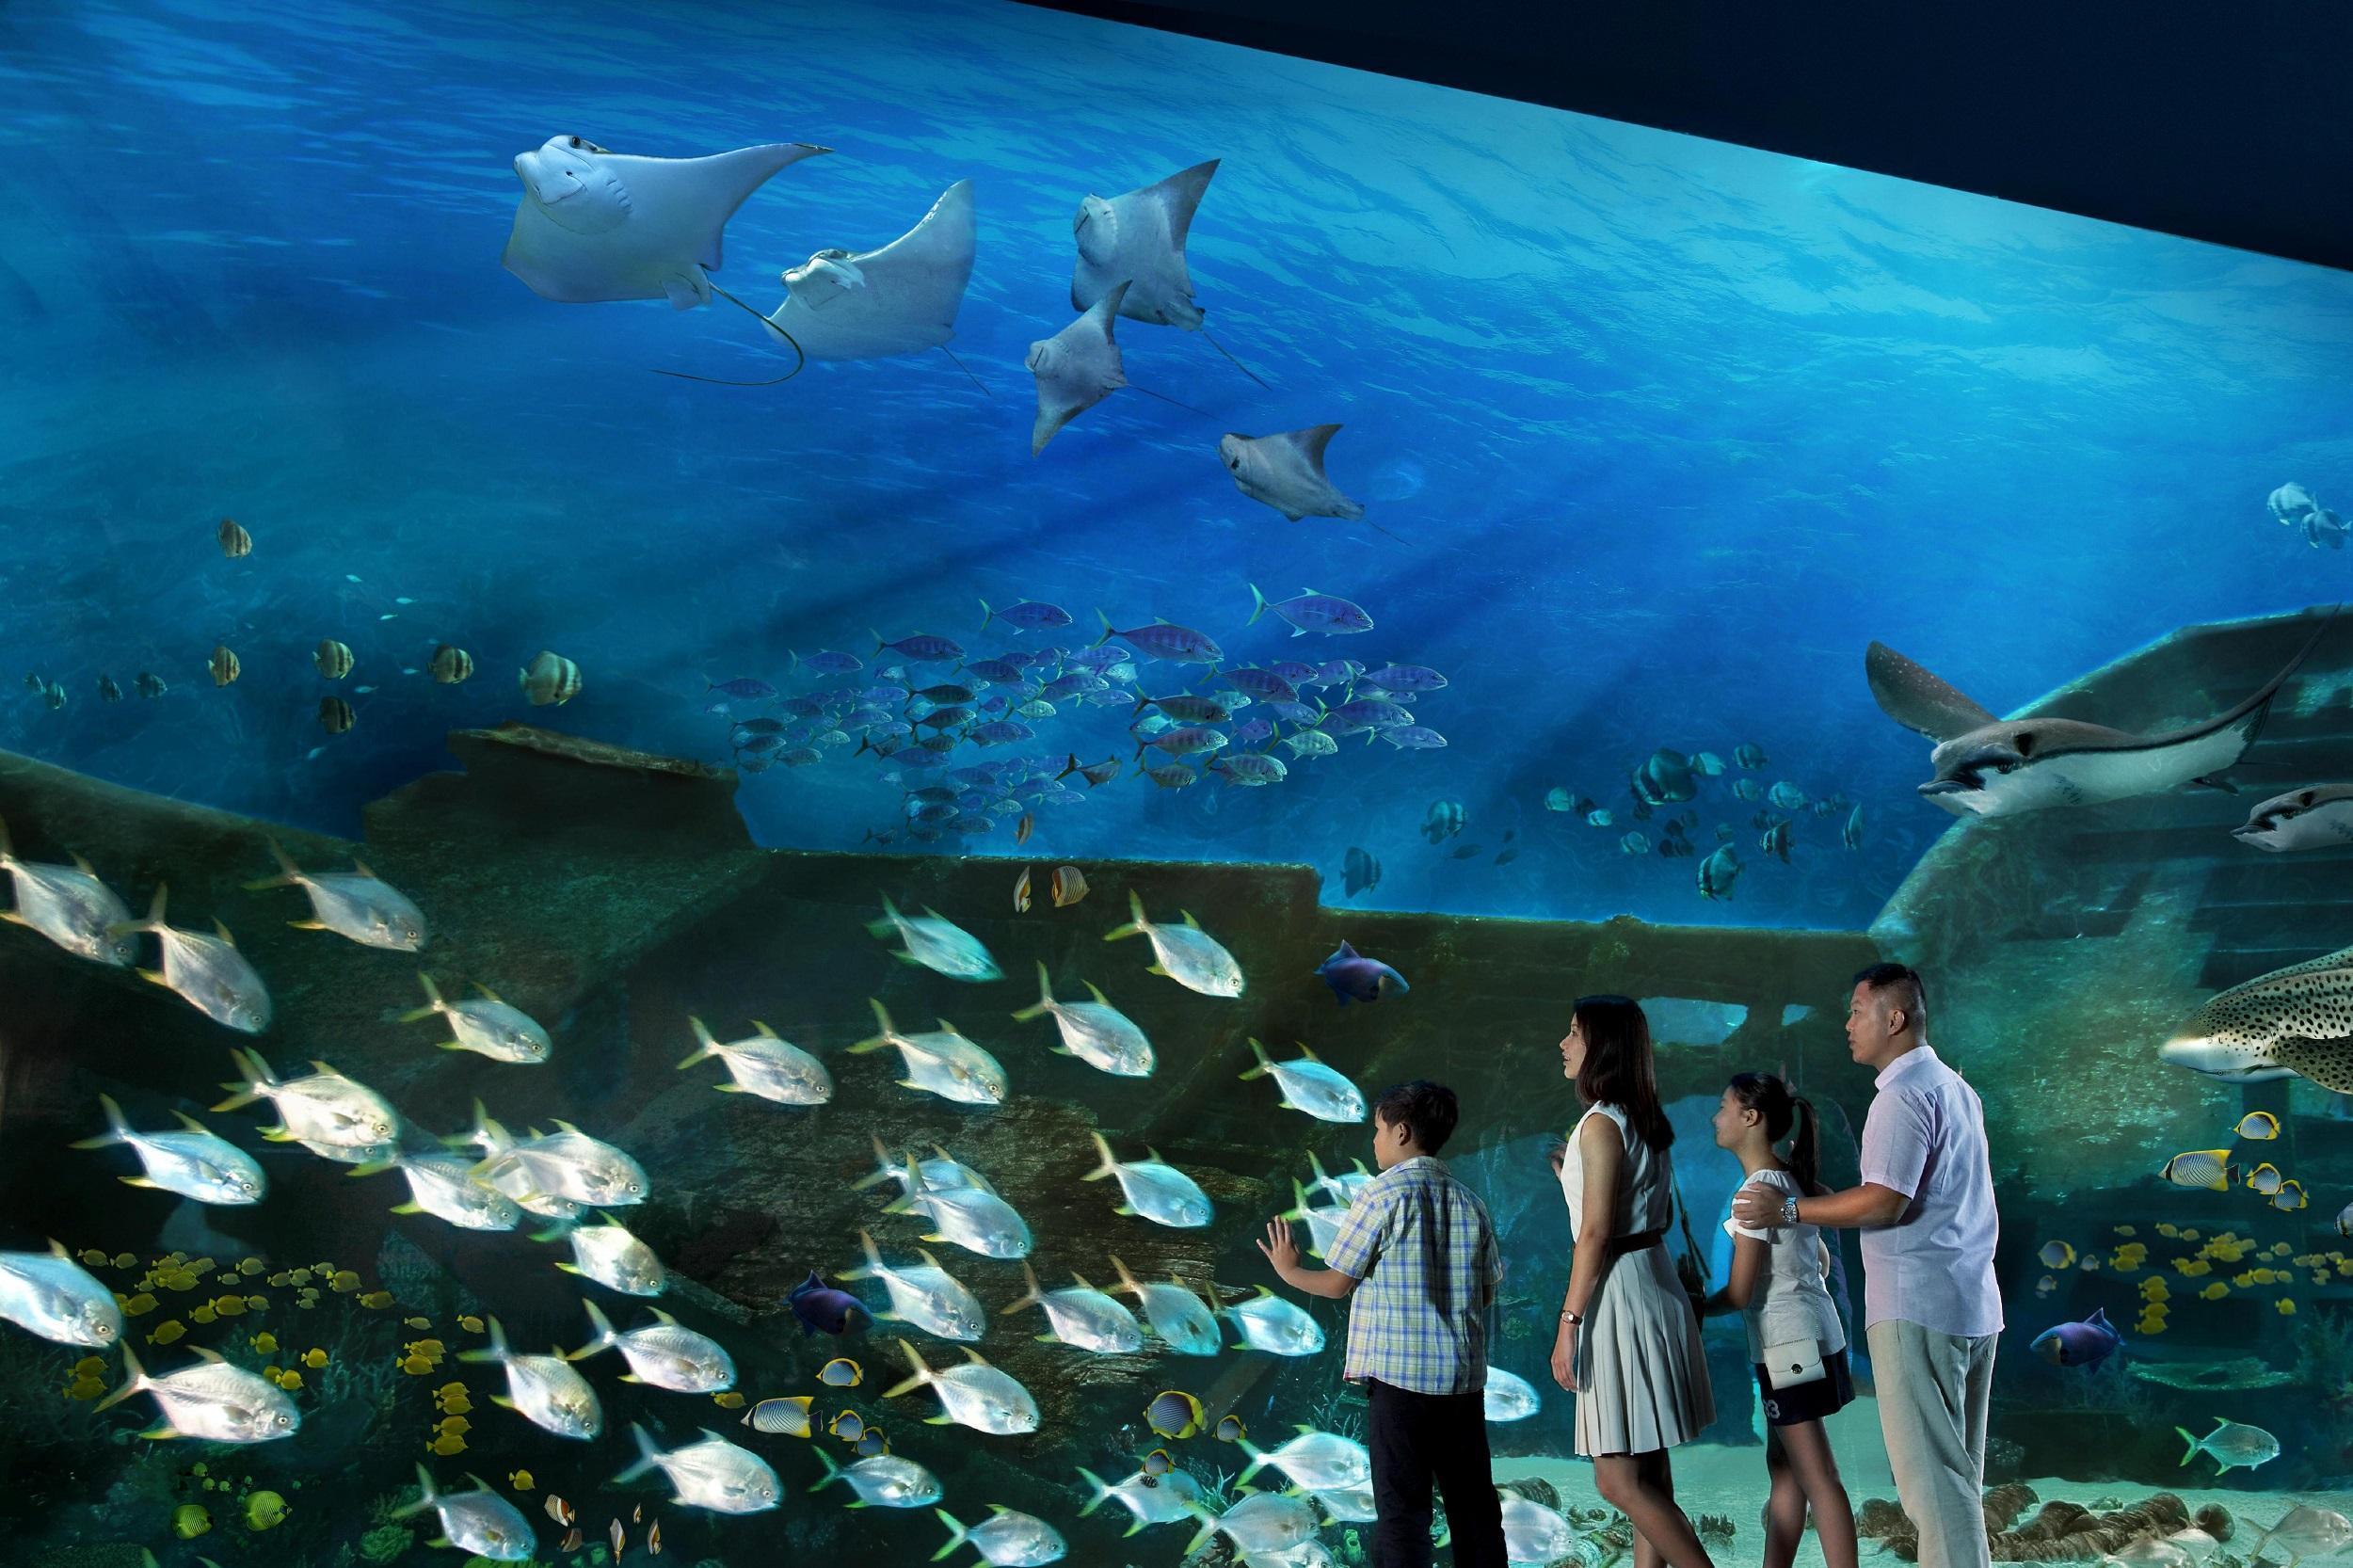 某海洋馆内在水里生活的动物1240种,能在陆地生活的动物有820种,其中